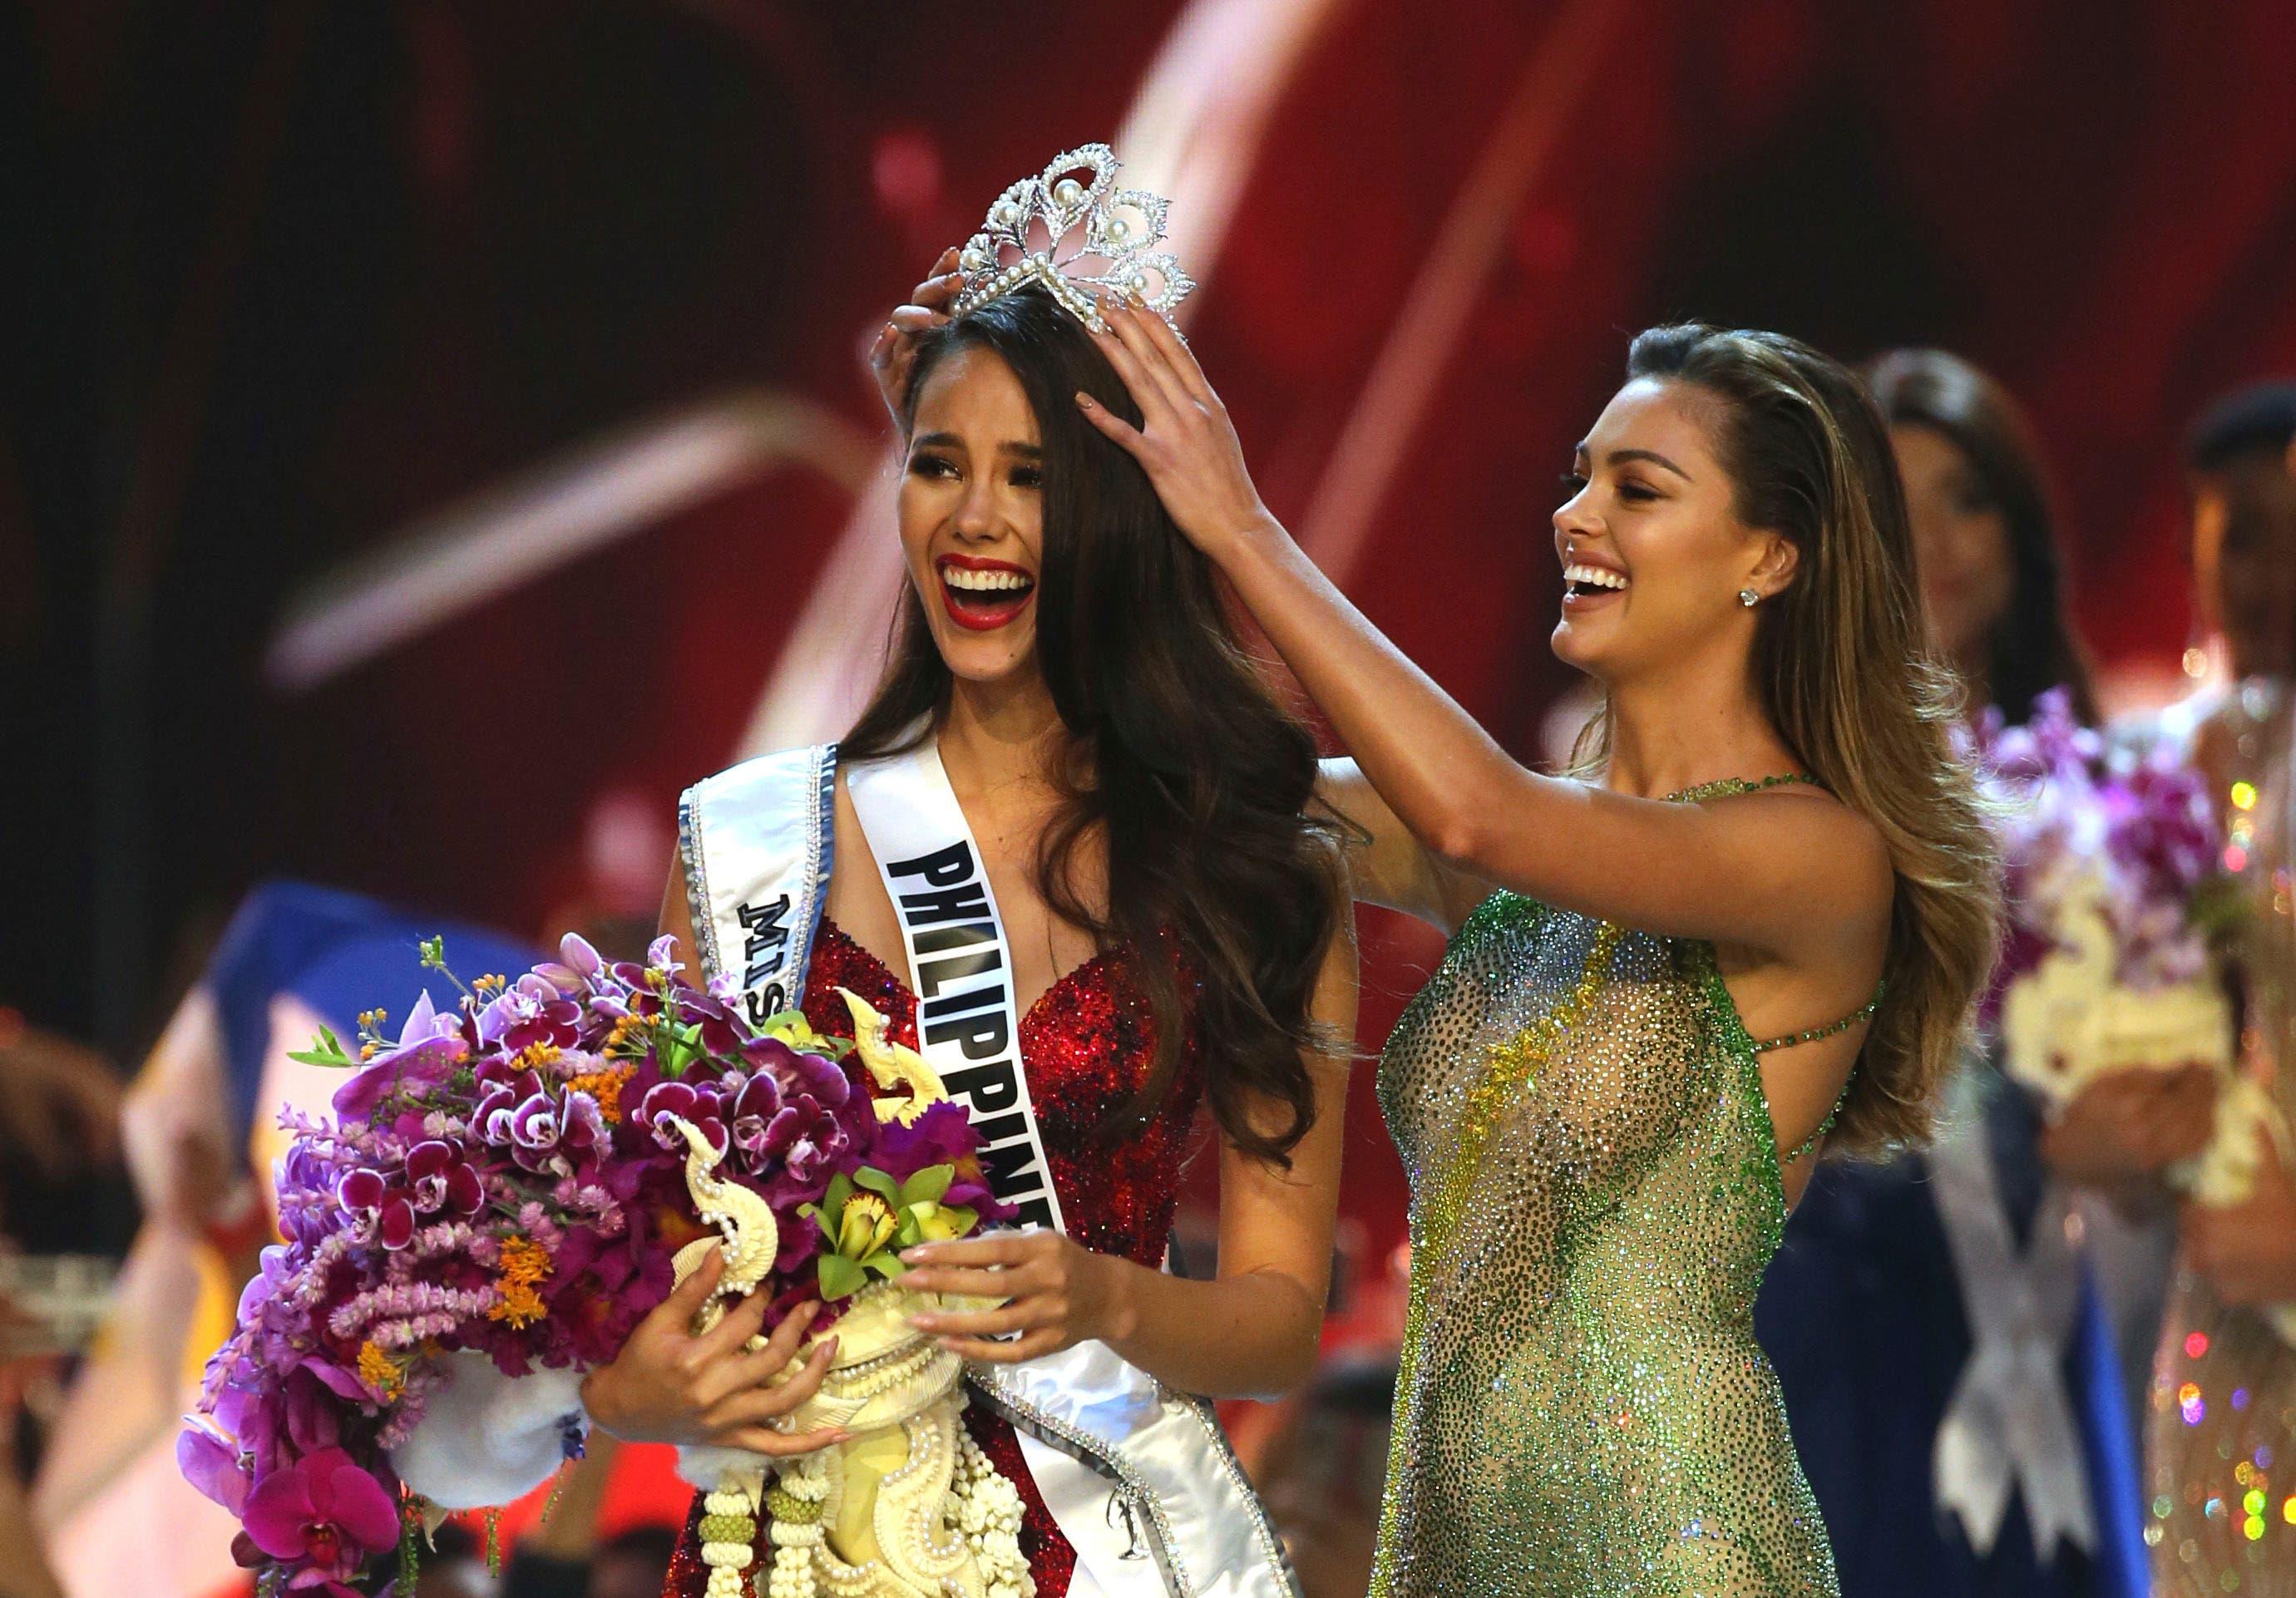 2. Catriona Gray de Filipinas, izquierda, sonríe al recibir la corona de Miss Universo 2018  de manos de Miss Universo Demi-Leigh Nel-Peters durante la final de la 67ma edición de Miss Universo en Bangkok, Tailandia, el 17 de diciembre de 2018. (Foto AP/Gemunu Amarasinghe)